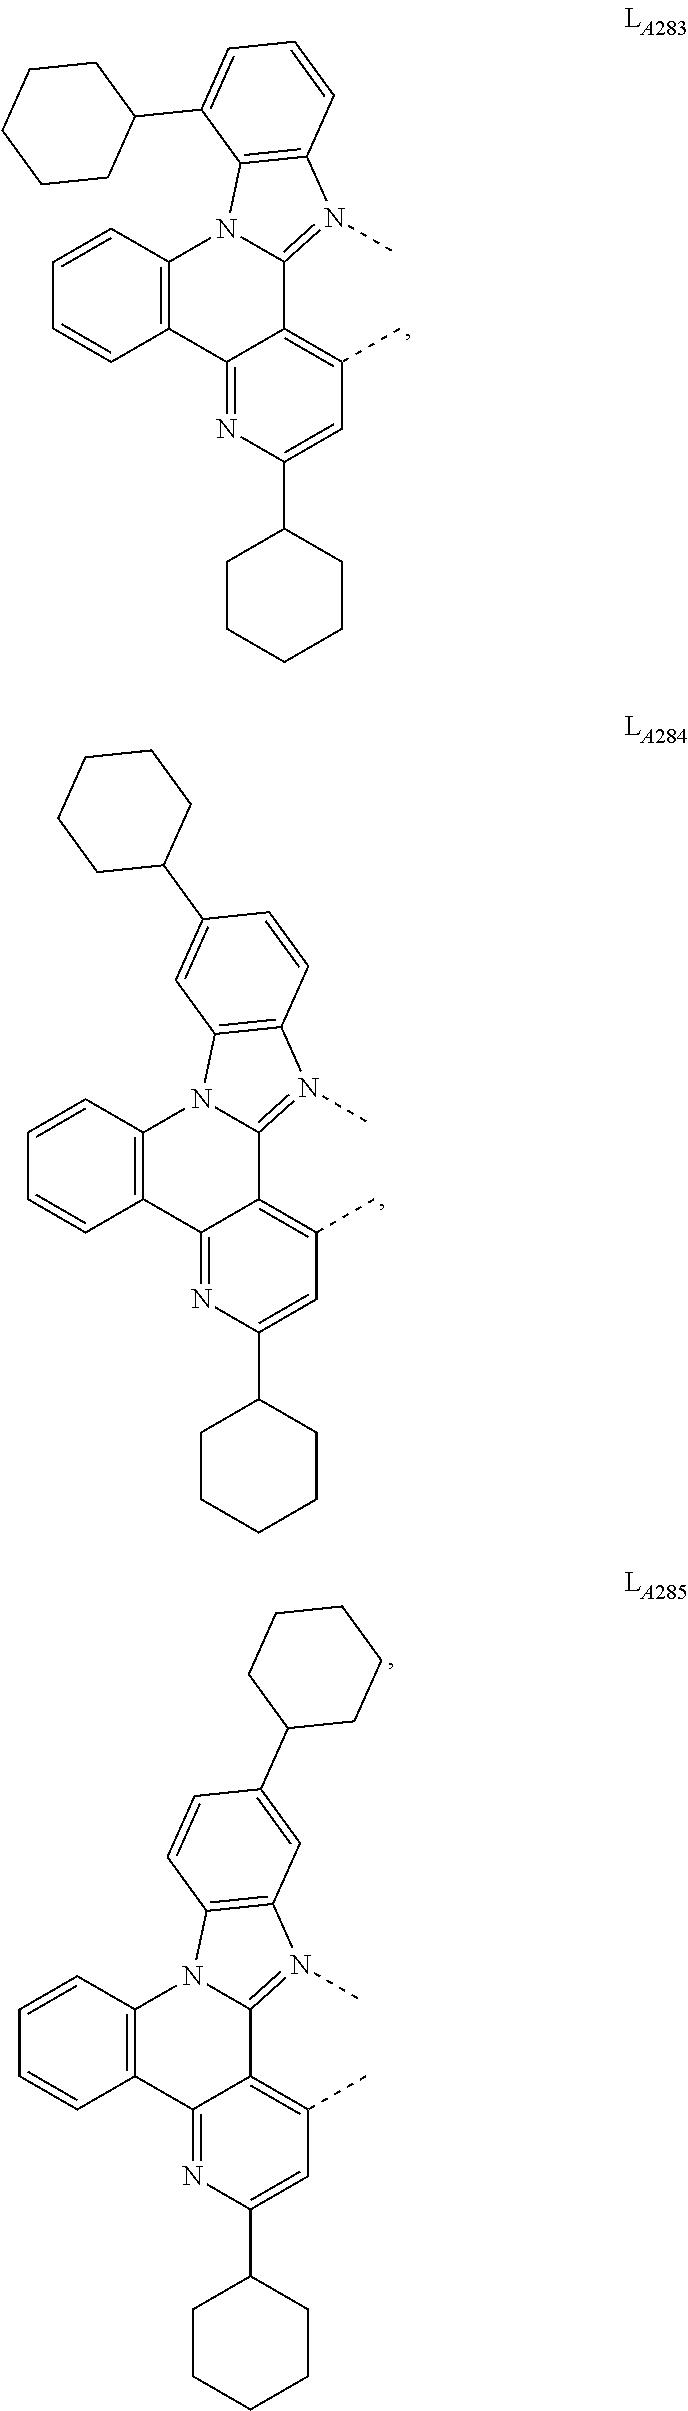 Figure US09905785-20180227-C00091